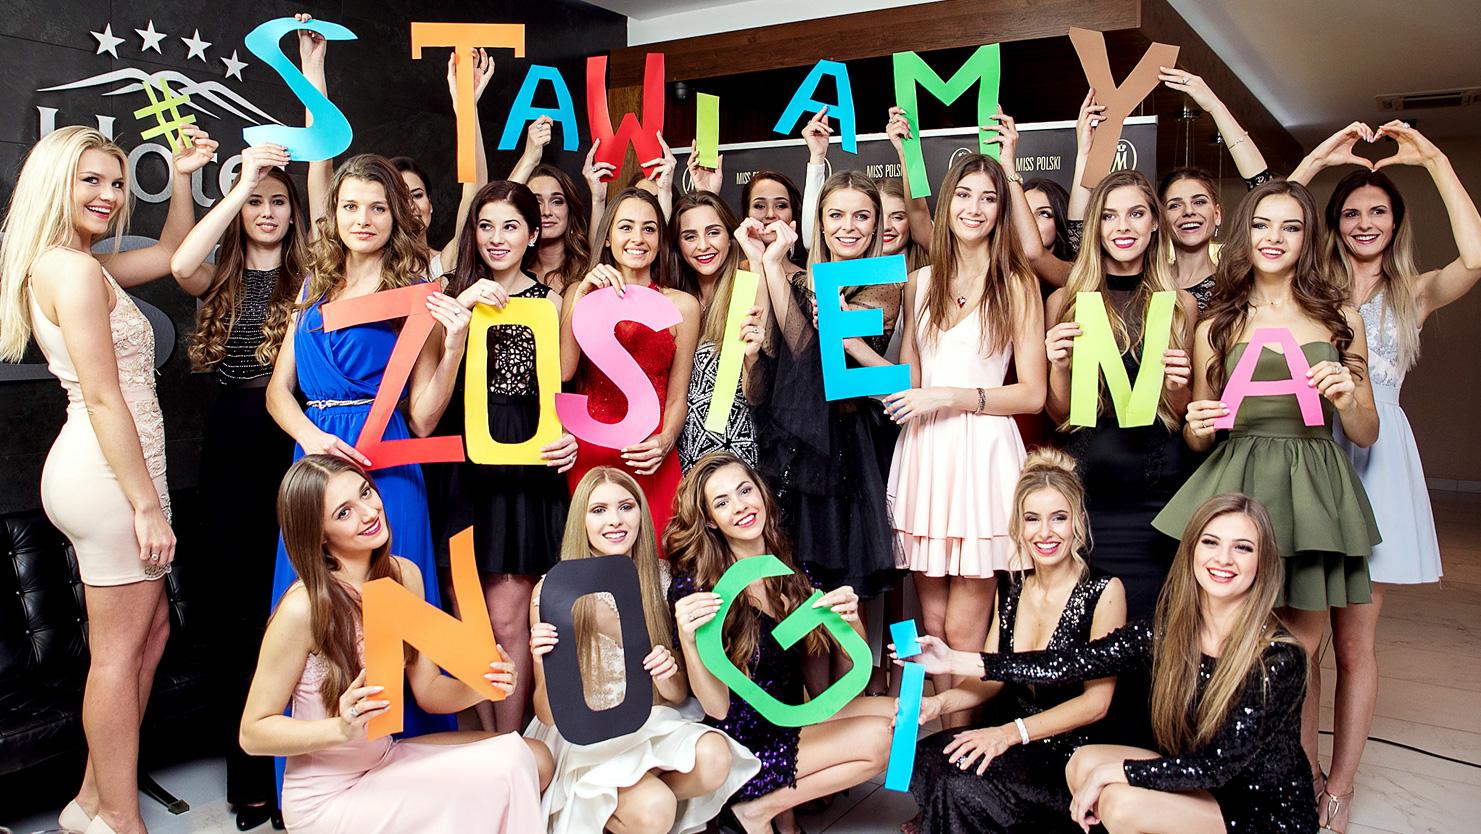 Najpiękniejsze Polki walczą o zdrowie chorej dziewczynki - Polsat.pl